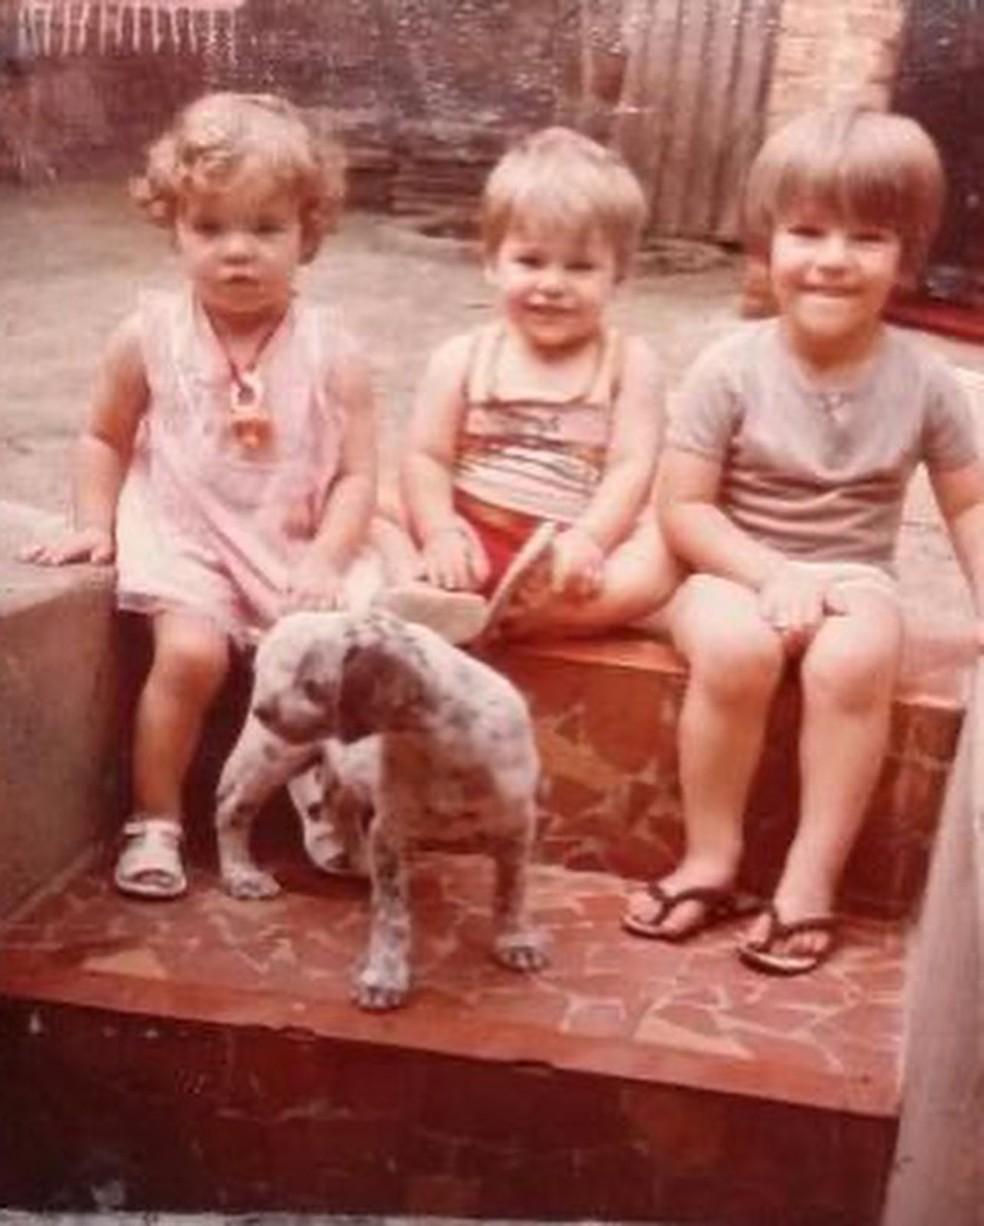 Paolla Oliveira completa 39 anos e compartilha imagem da infância ao lado dos irmãos — Foto: Instagram